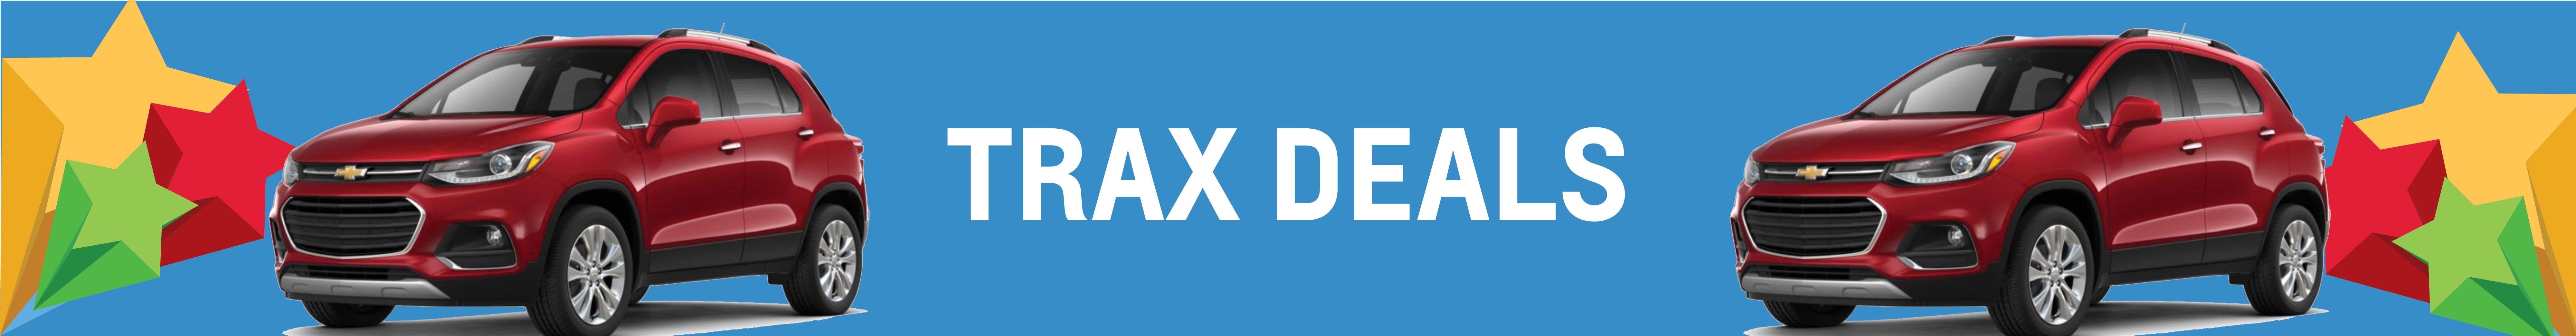 Trax Deals